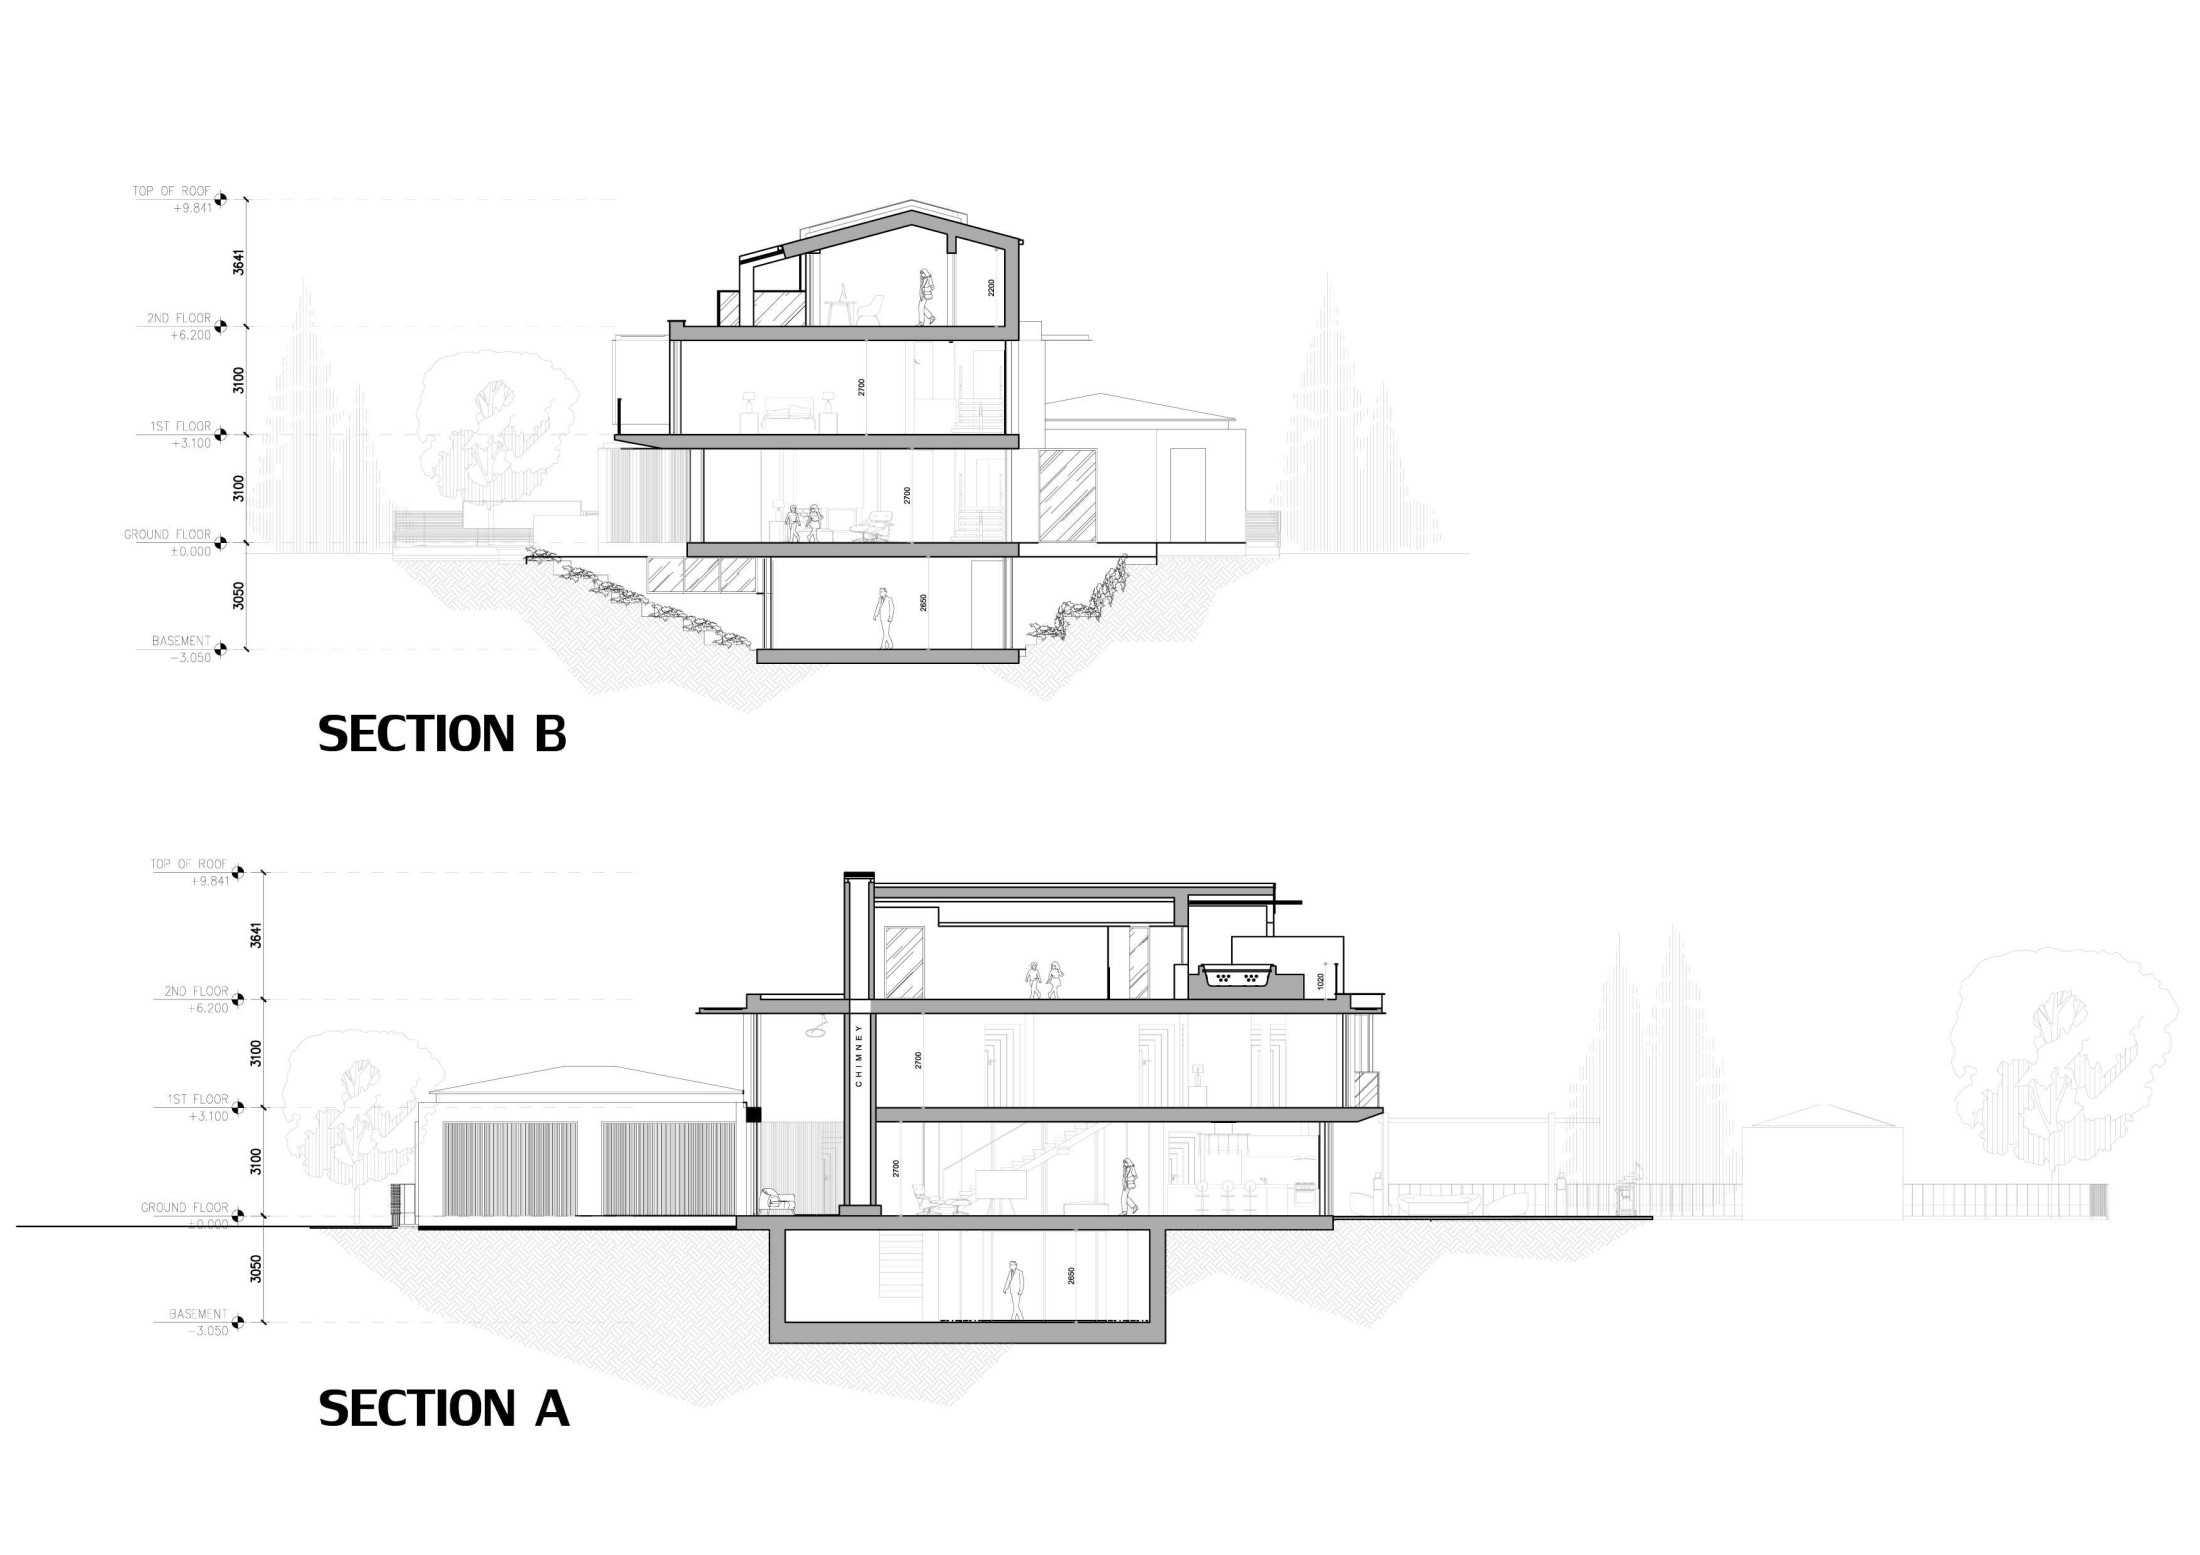 Bral Architect Alpen House In Germany 46519 Alpen, Jerman 46519 Alpen, Jerman Bral-Architect-Alpen-House-In-Germany  99902